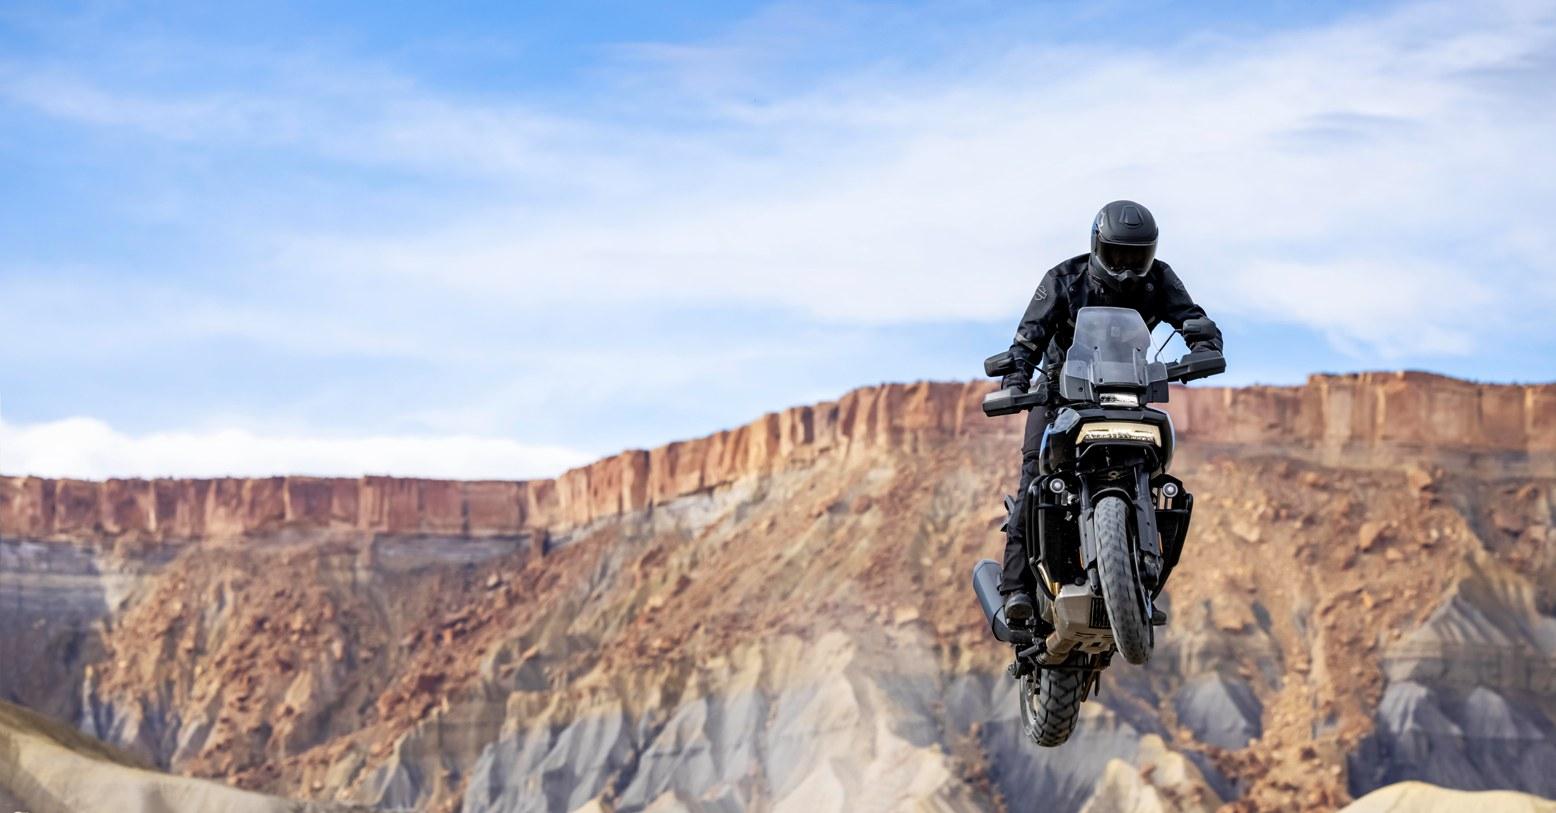 Pan America Motorcycle